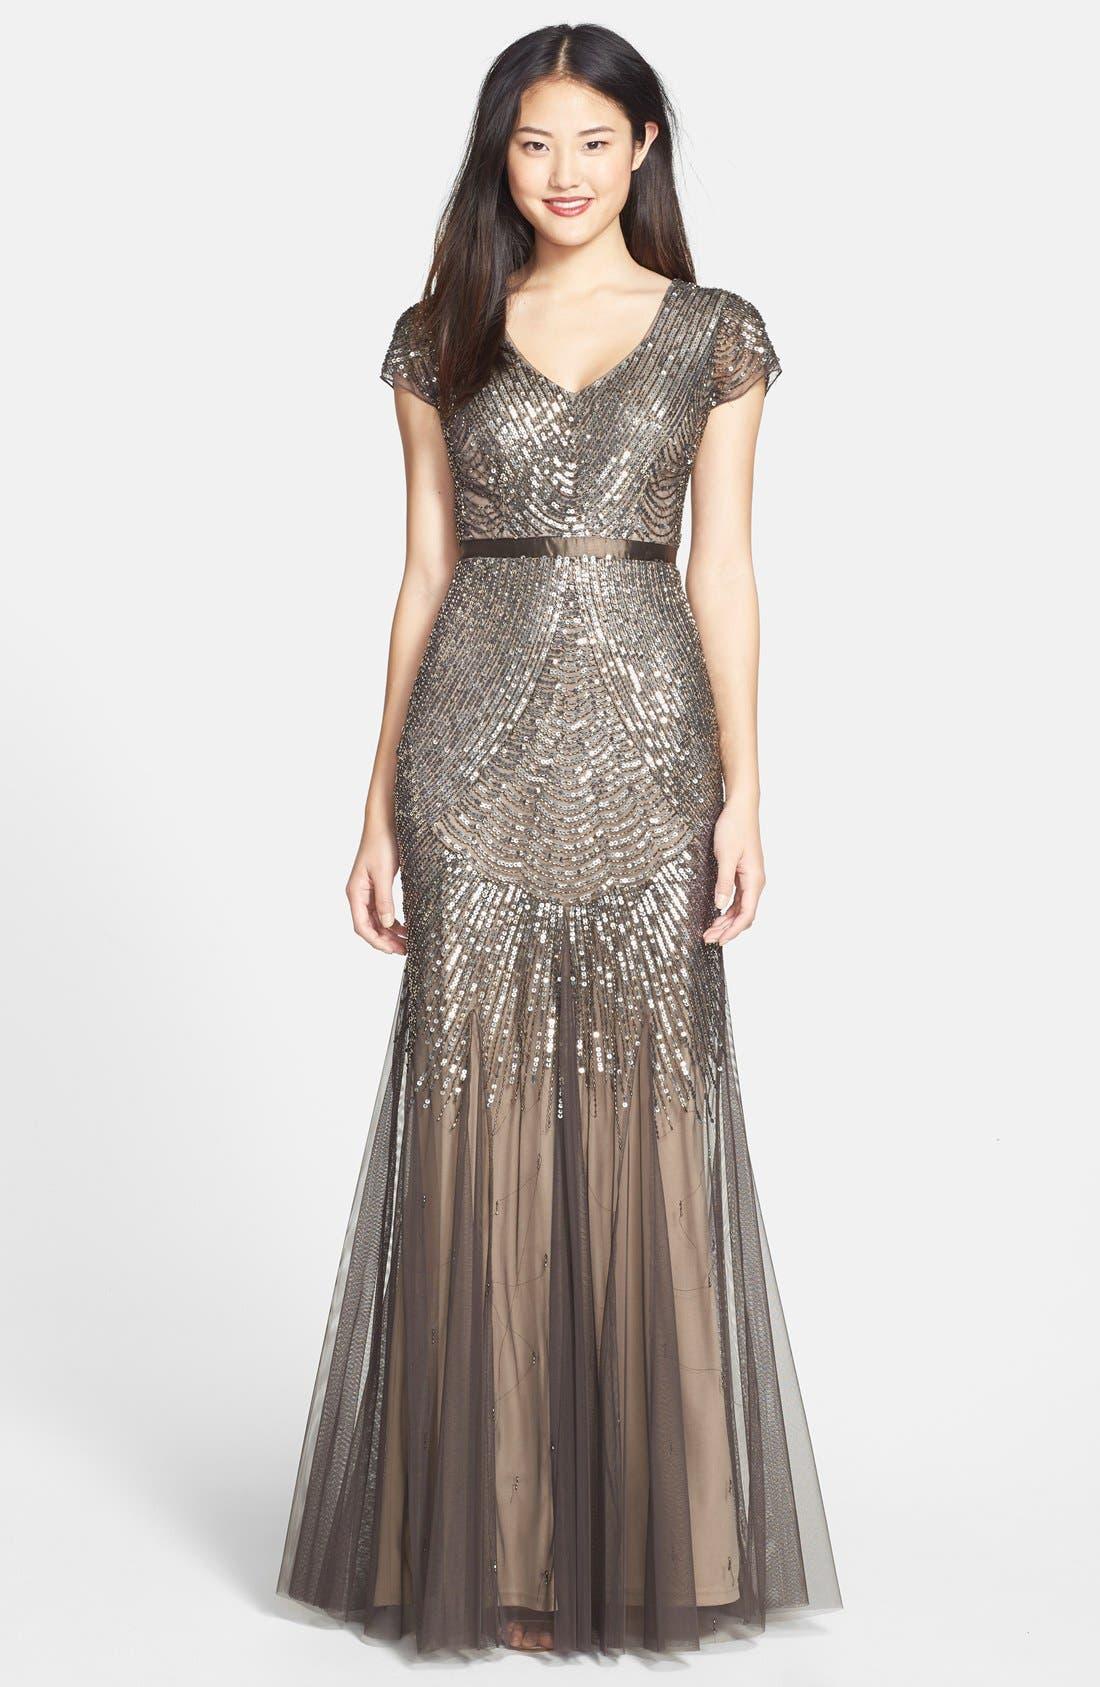 Alternate Image 1 Selected - Adrianna Papell Beaded Mesh V-Neck Gown (Regular & Petite)